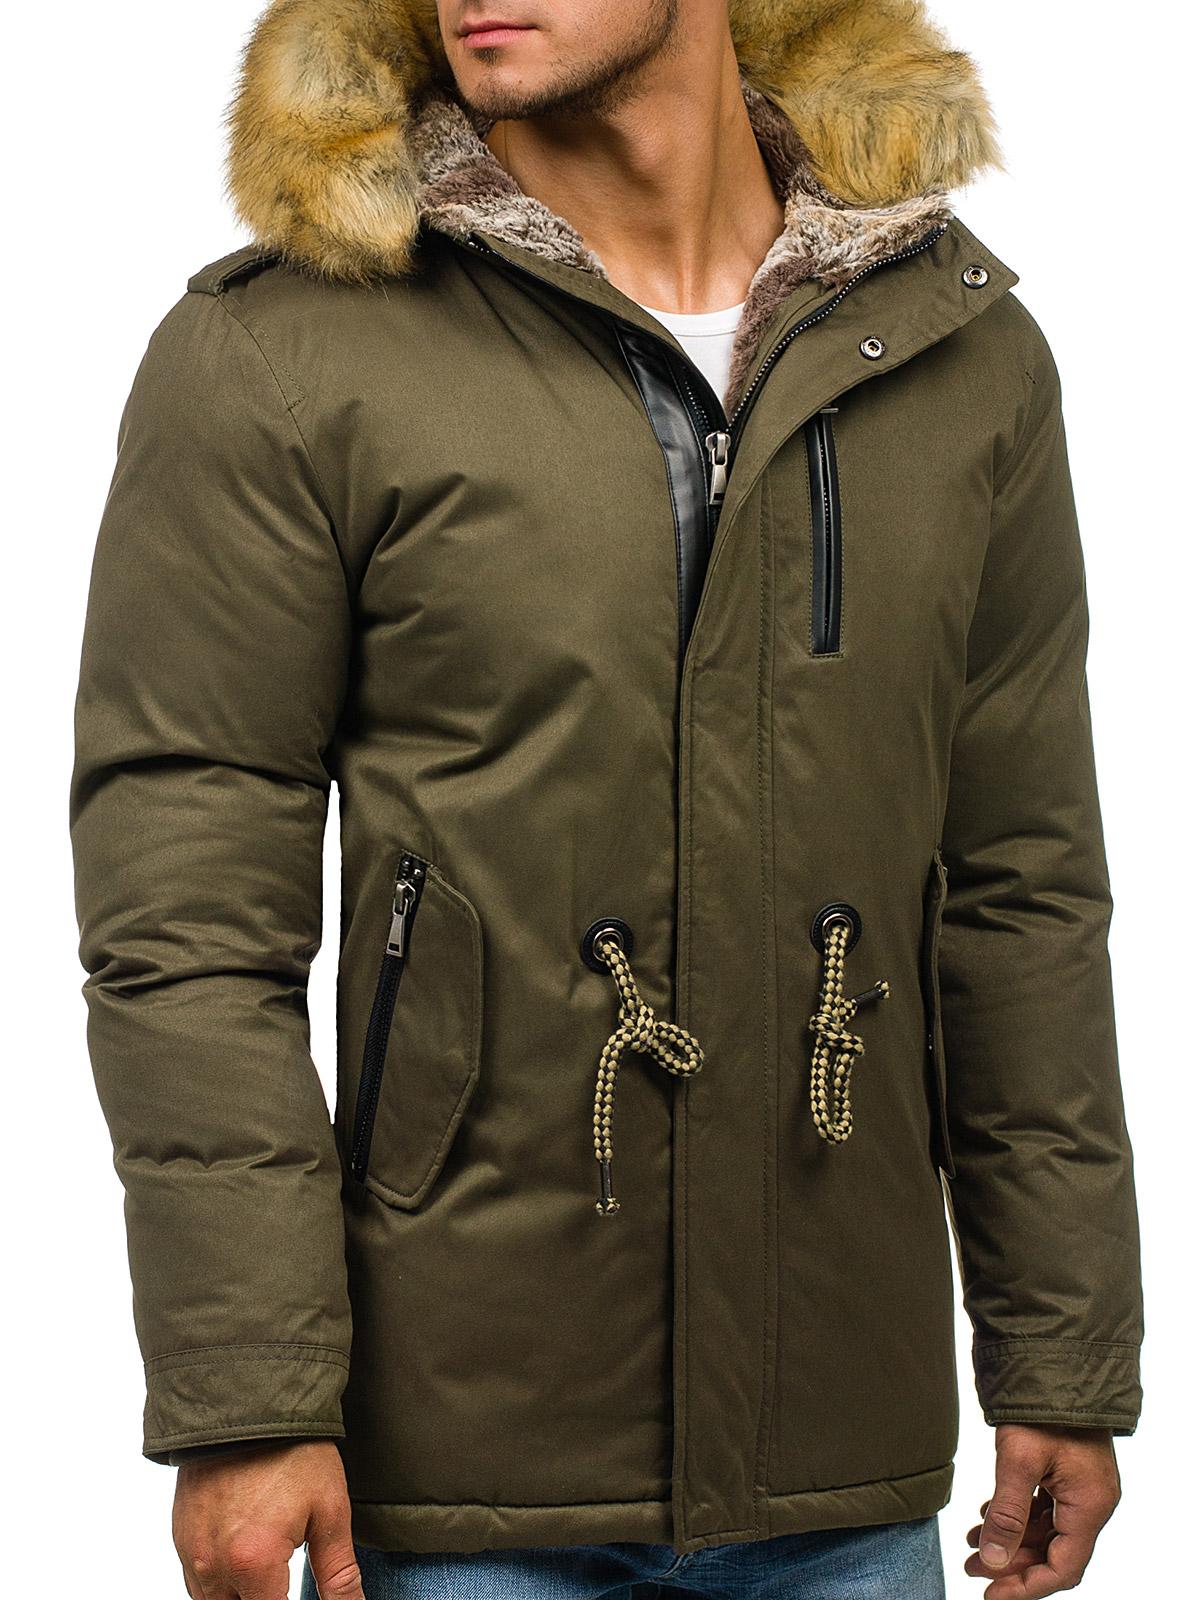 Details zu Winterjacke Parka Lang Futter Alaska Kapuze Mantel Herren BOLF 4D4 Motiv